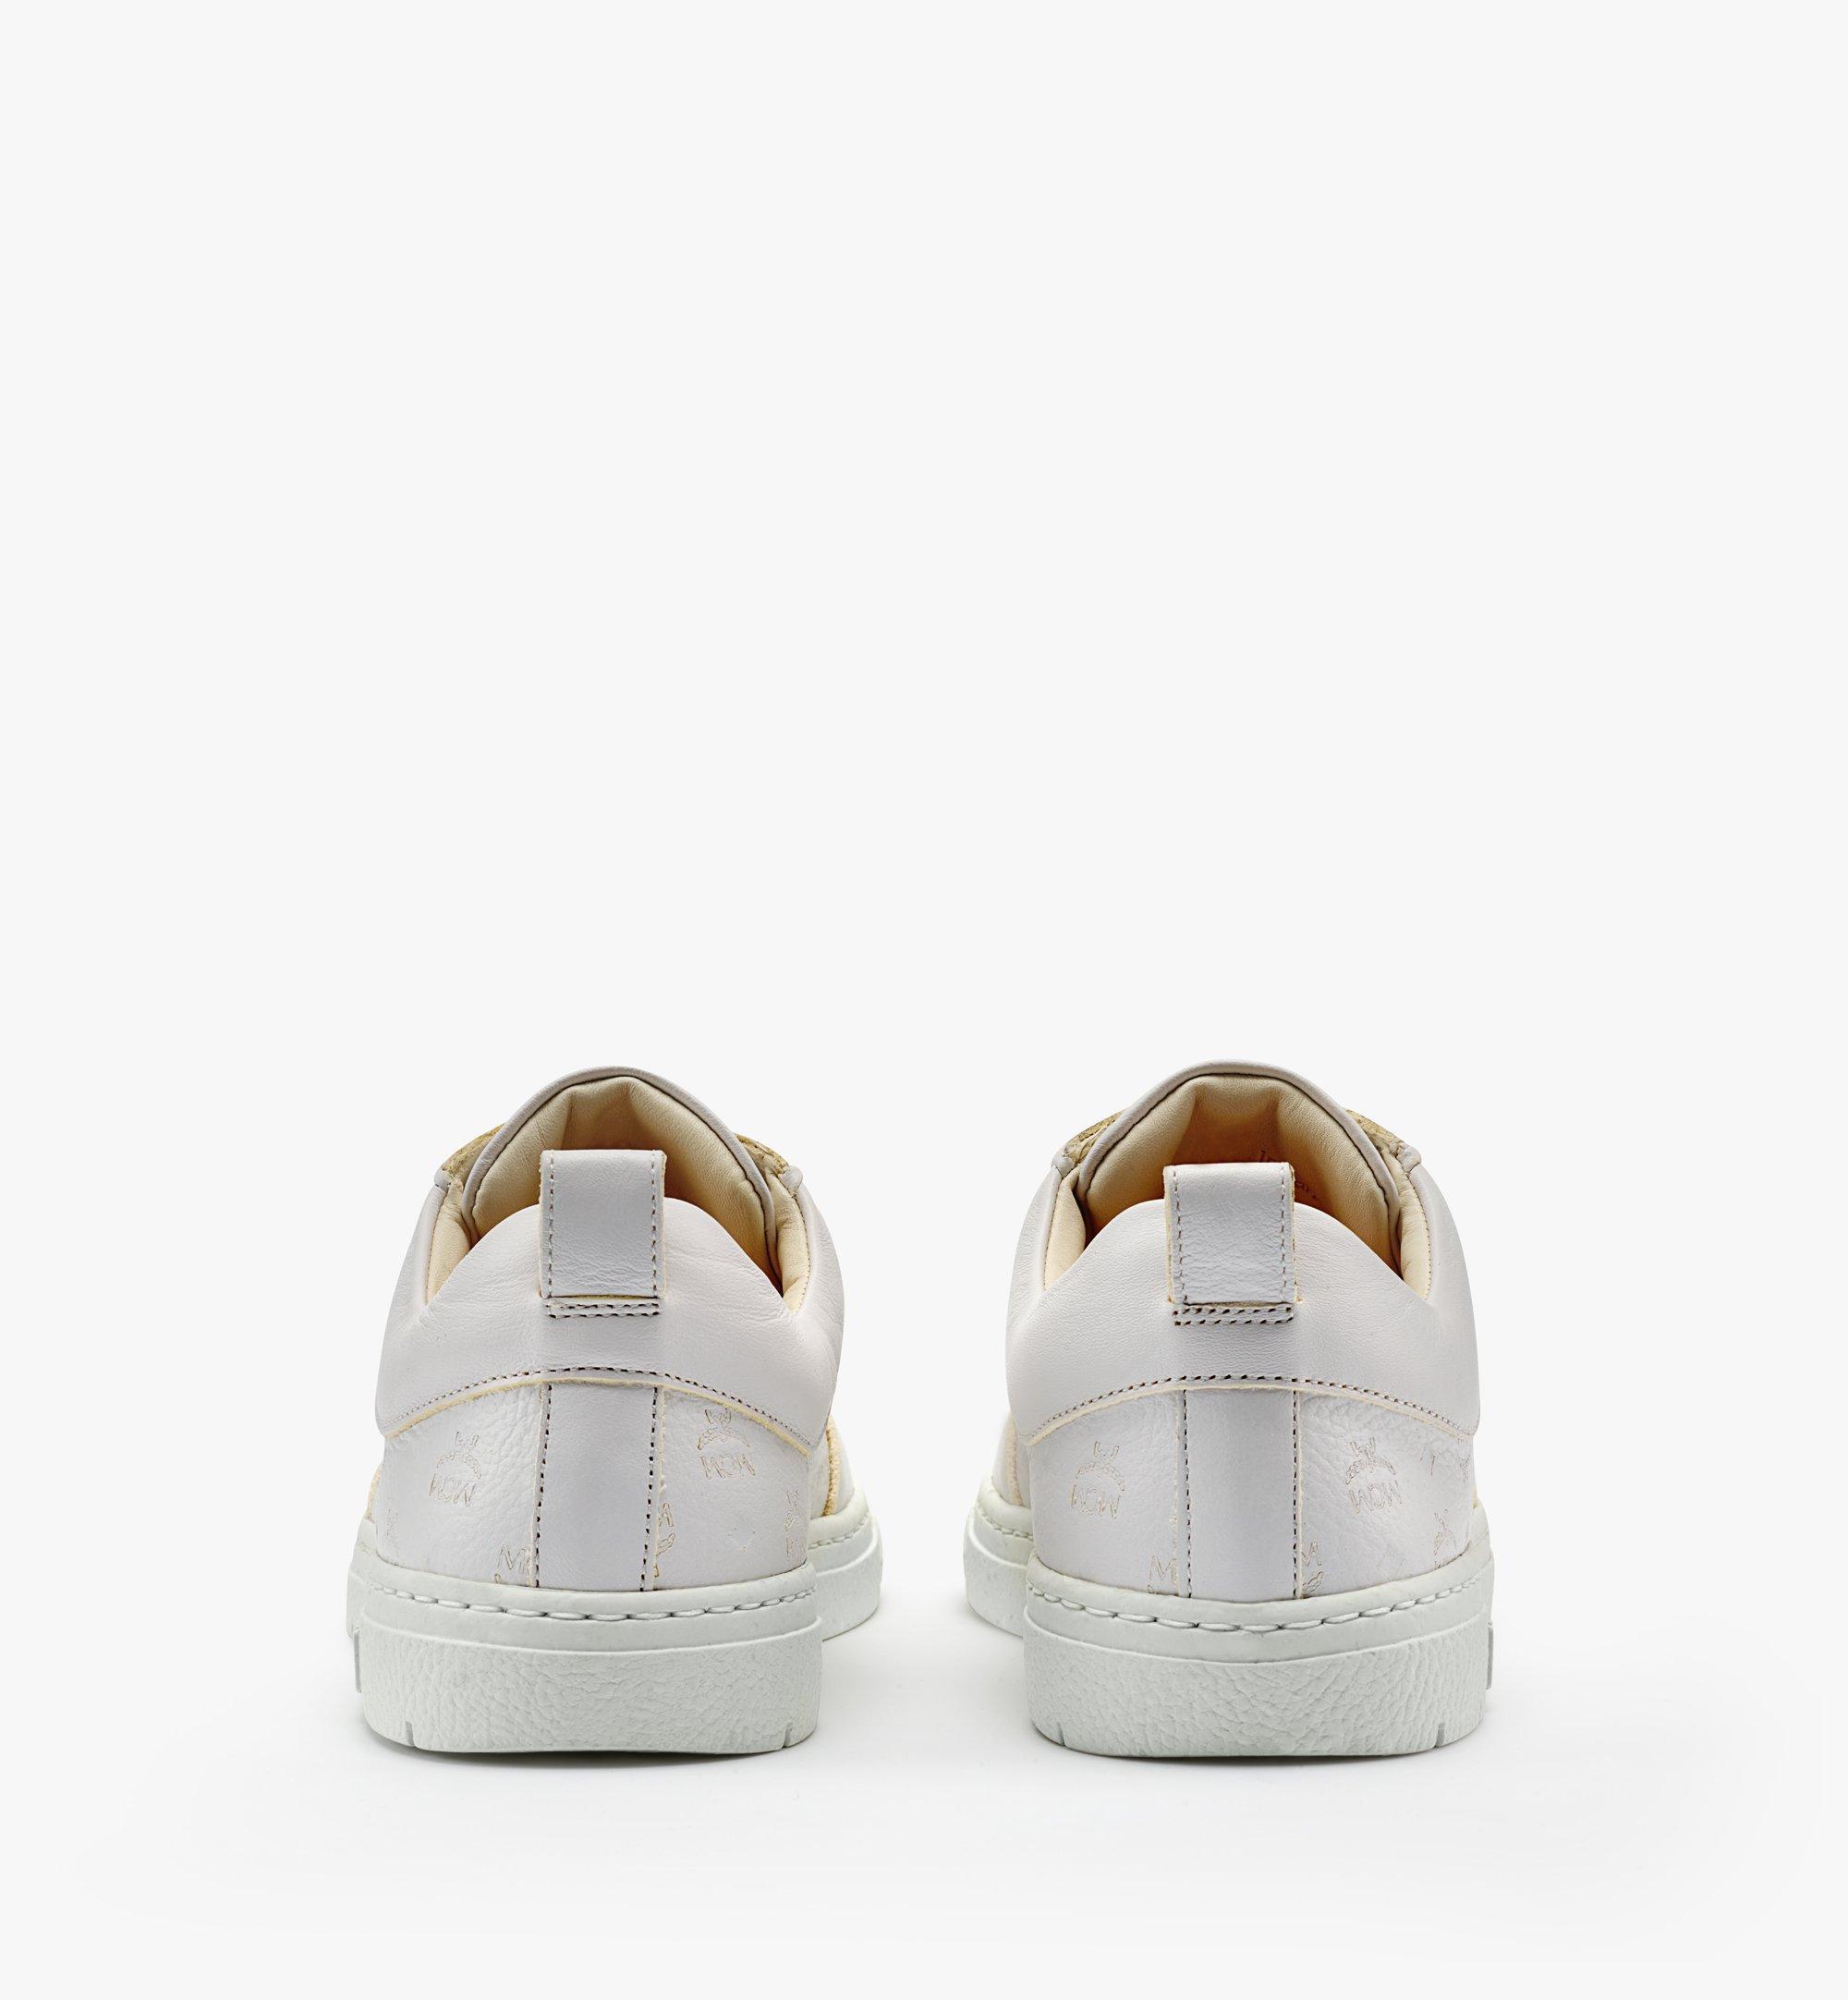 MCM 女士Terrain经典花纹皮革环保低帮运动鞋 White MESBSMM09WT035 更多视角 2